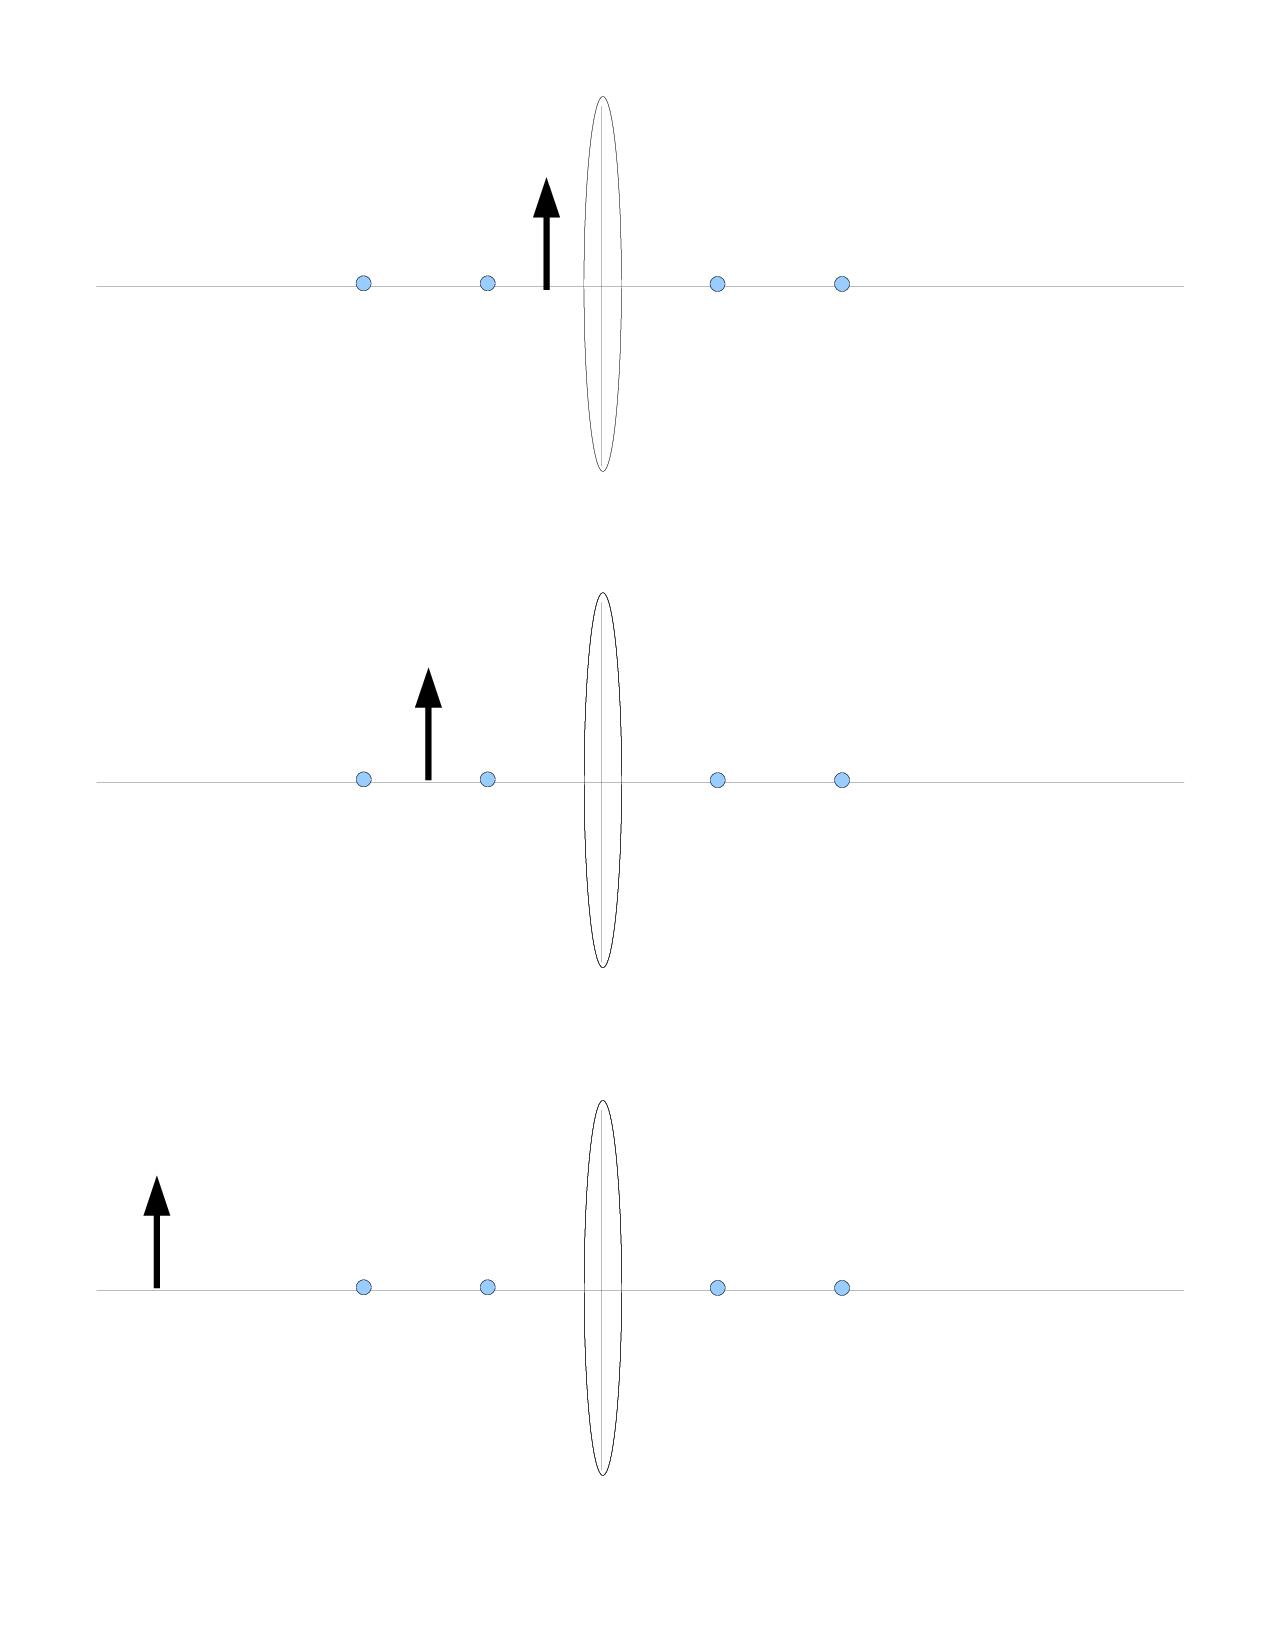 light ray diagram worksheets gmc sierra wiring 10 best images of convex lenses practice worksheet key